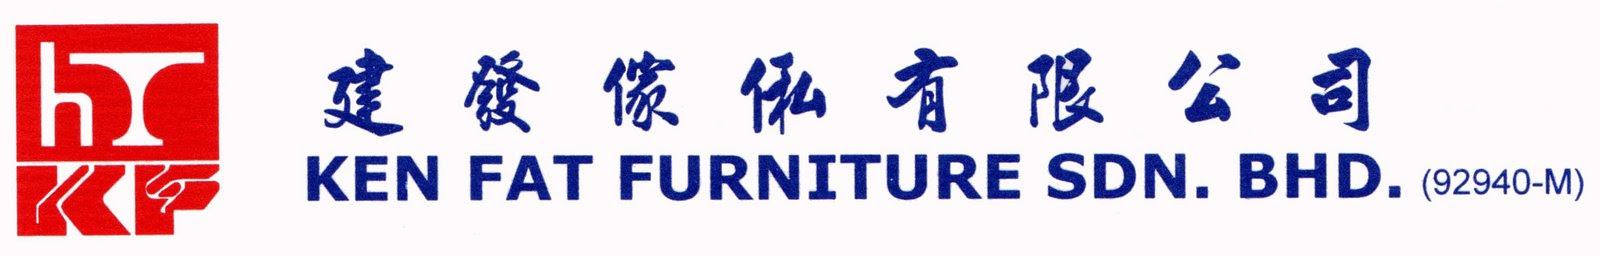 Ken Fat Furniture Sdn. Bhd.